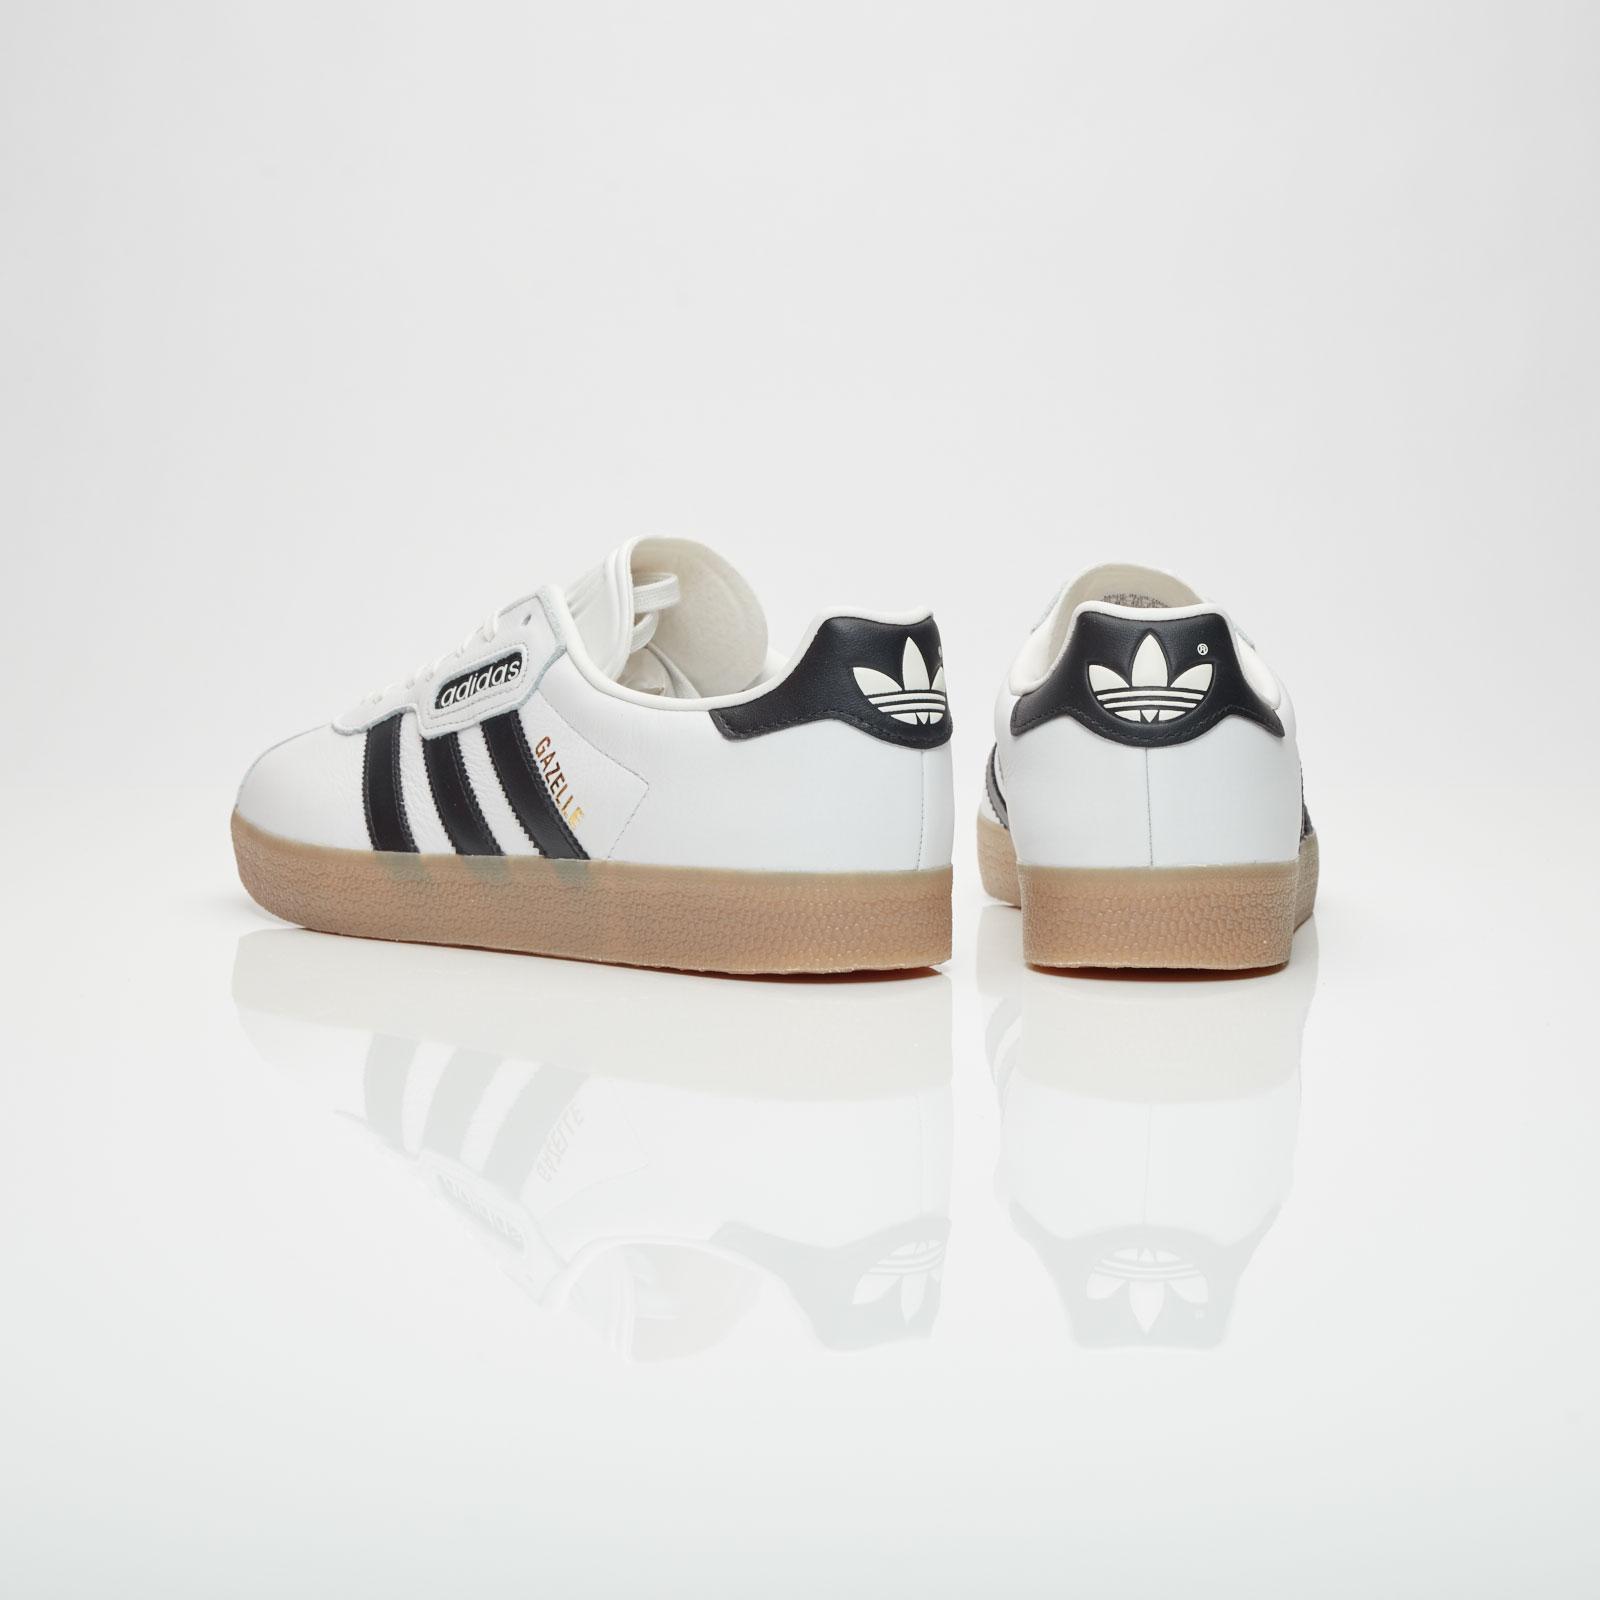 impuesto desierto Cap  adidas Gazelle Super - Bb5243 - Sneakersnstuff | sneakers & streetwear  online since 1999